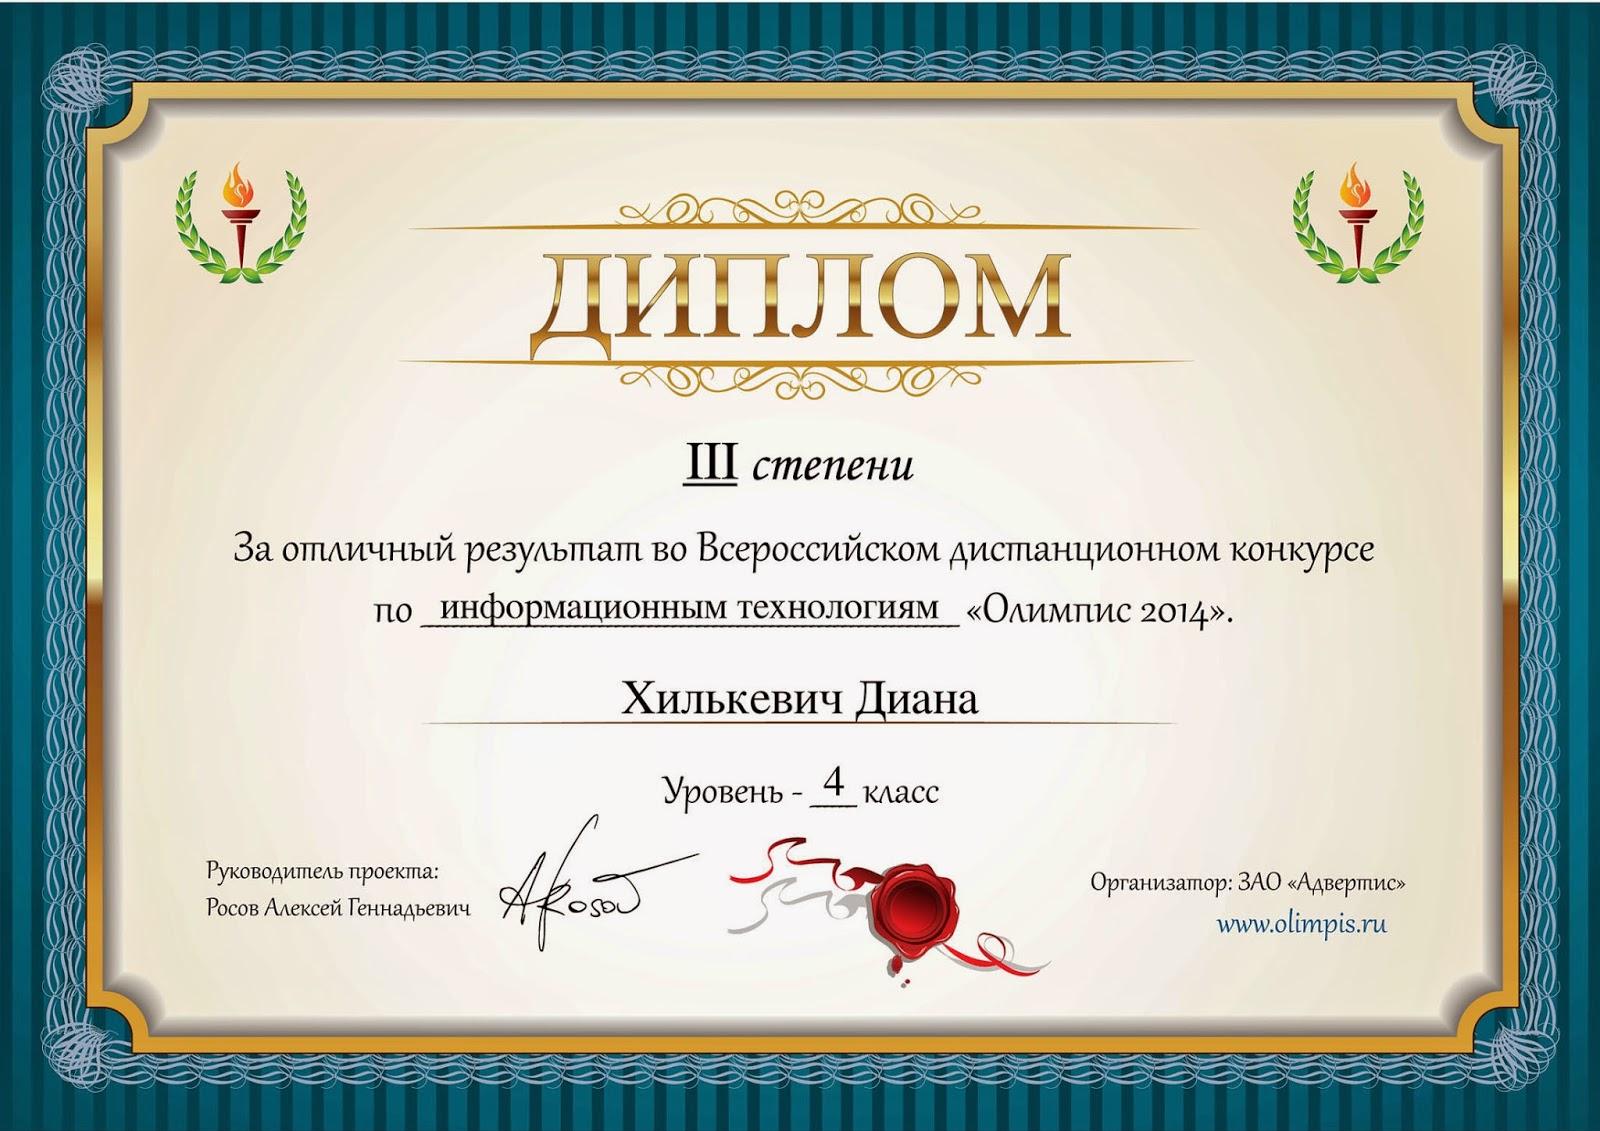 Итоги всероссийского конкурса ил?ам